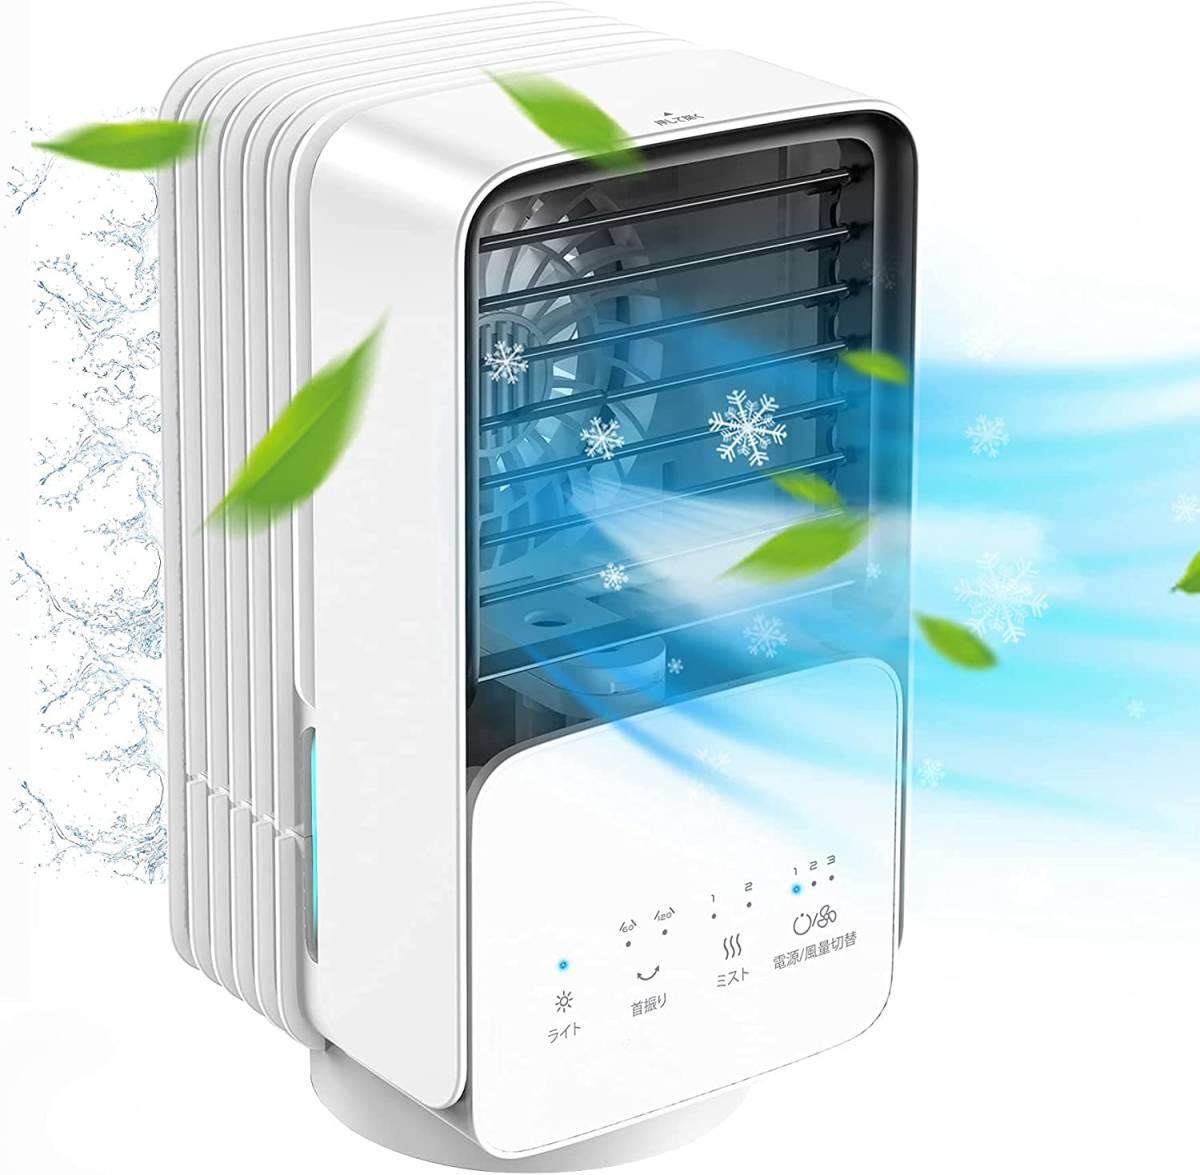 205 冷風扇 冷風機 卓上扇風機 急速冷却 卓上冷風機 強力 三段階風量切替 七色ライト 日本語取扱説明書付き